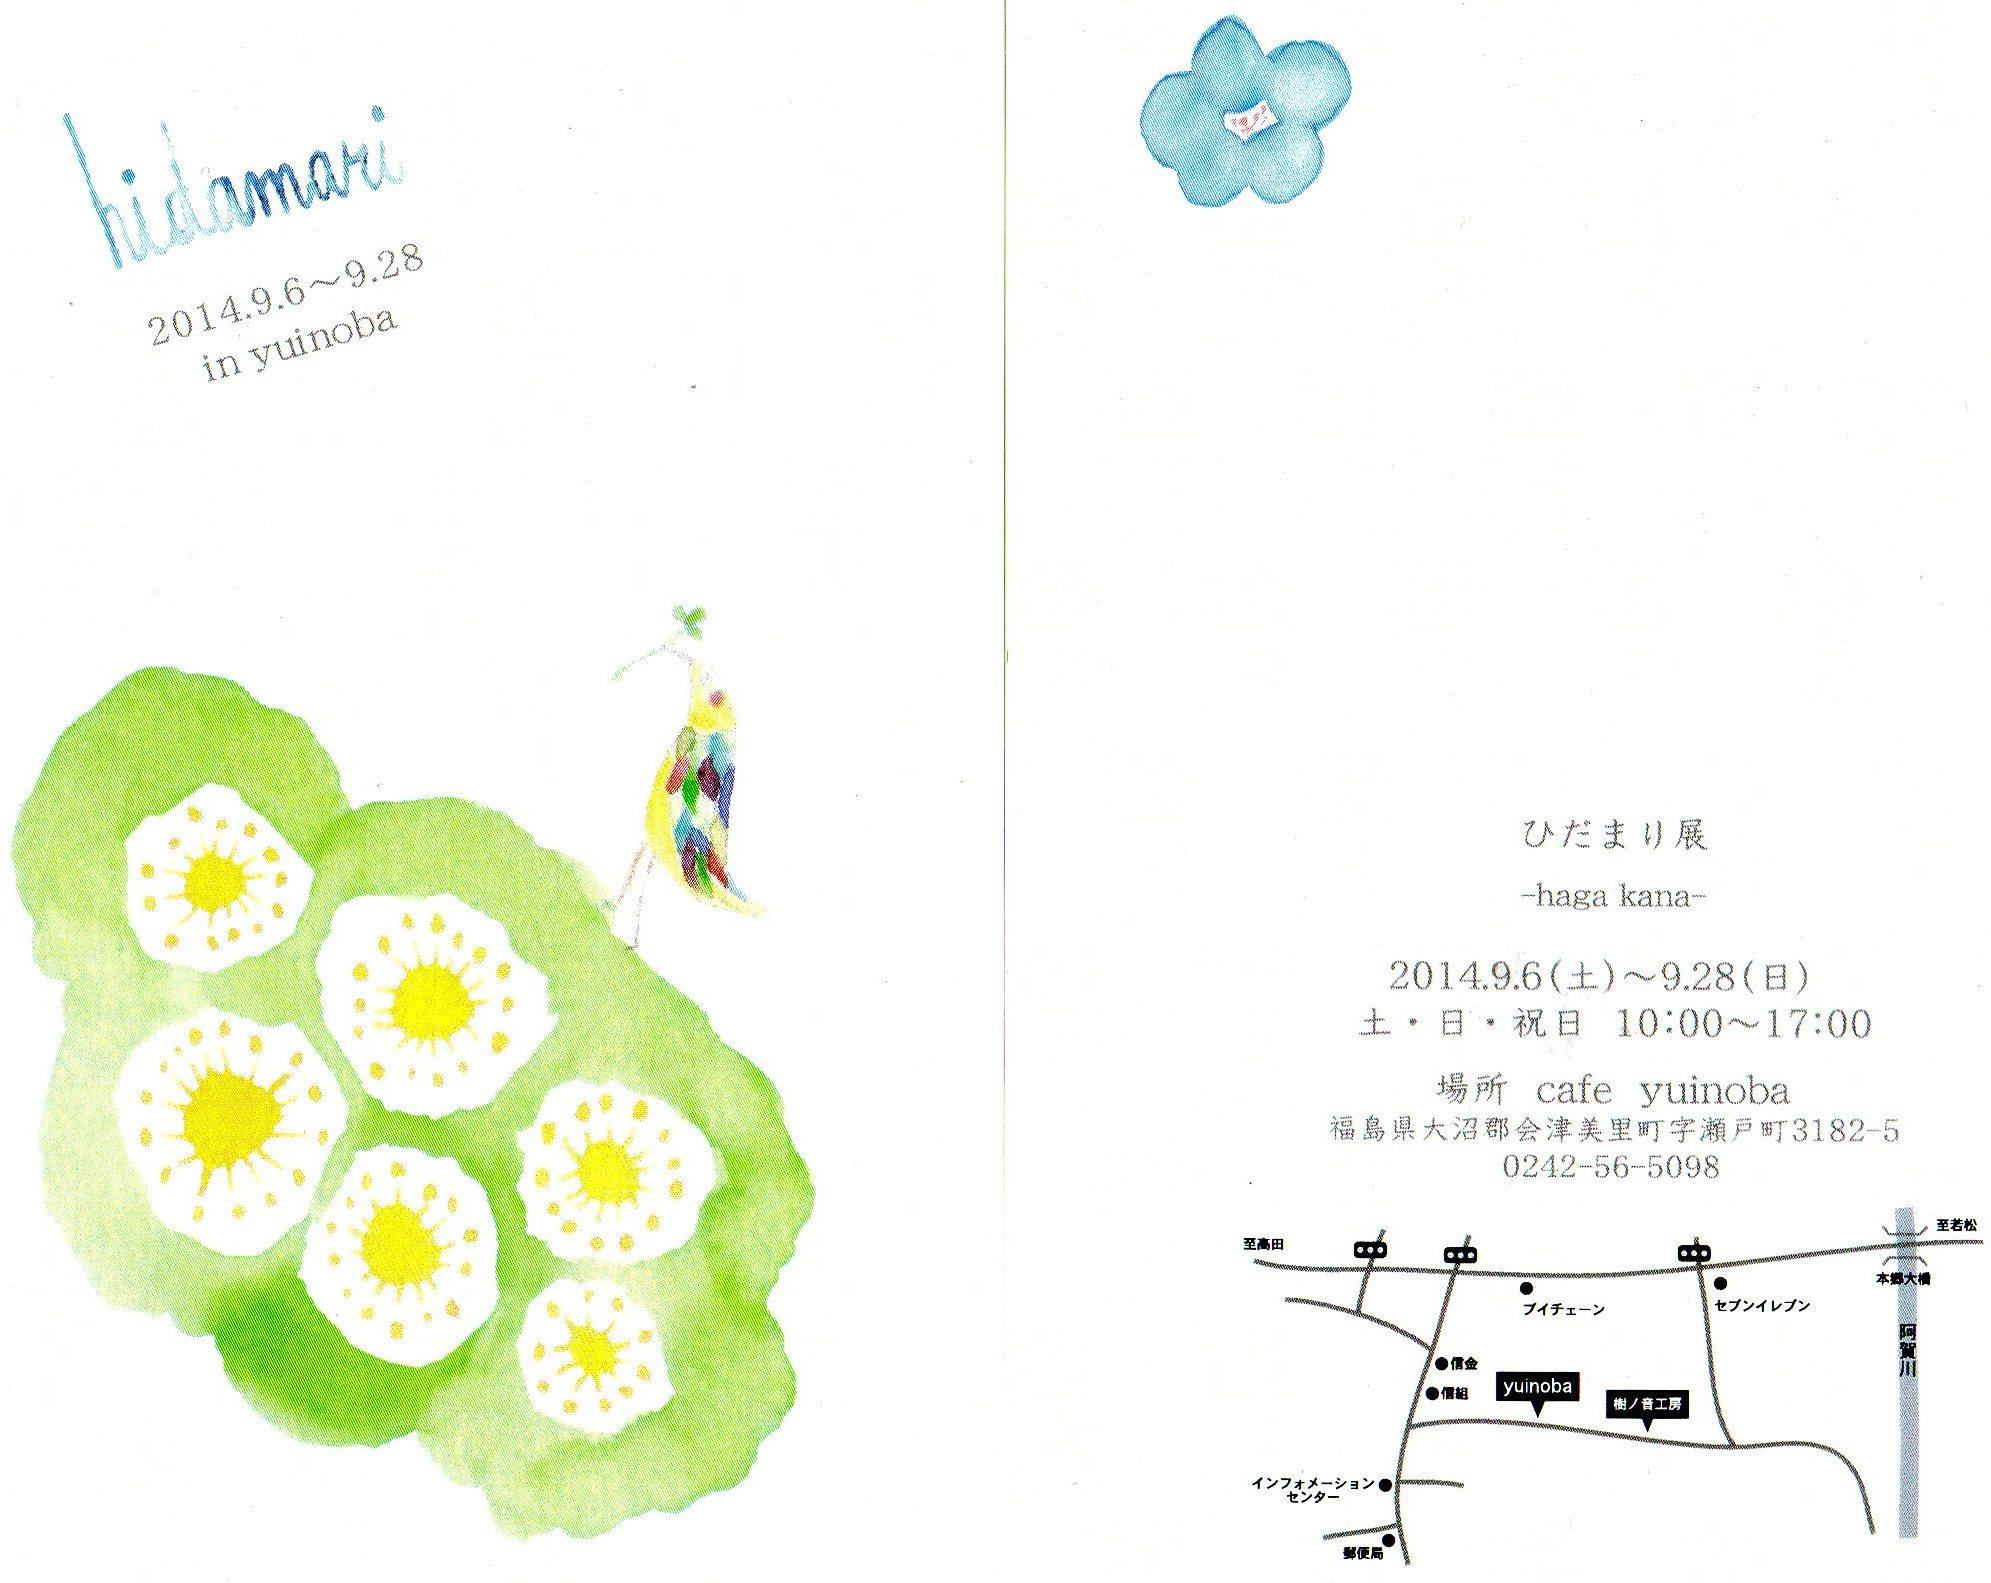 白井明大『季節を知らせる花』のお話会と芳賀佳那『ひだまり展』。_e0114422_13381578.jpg